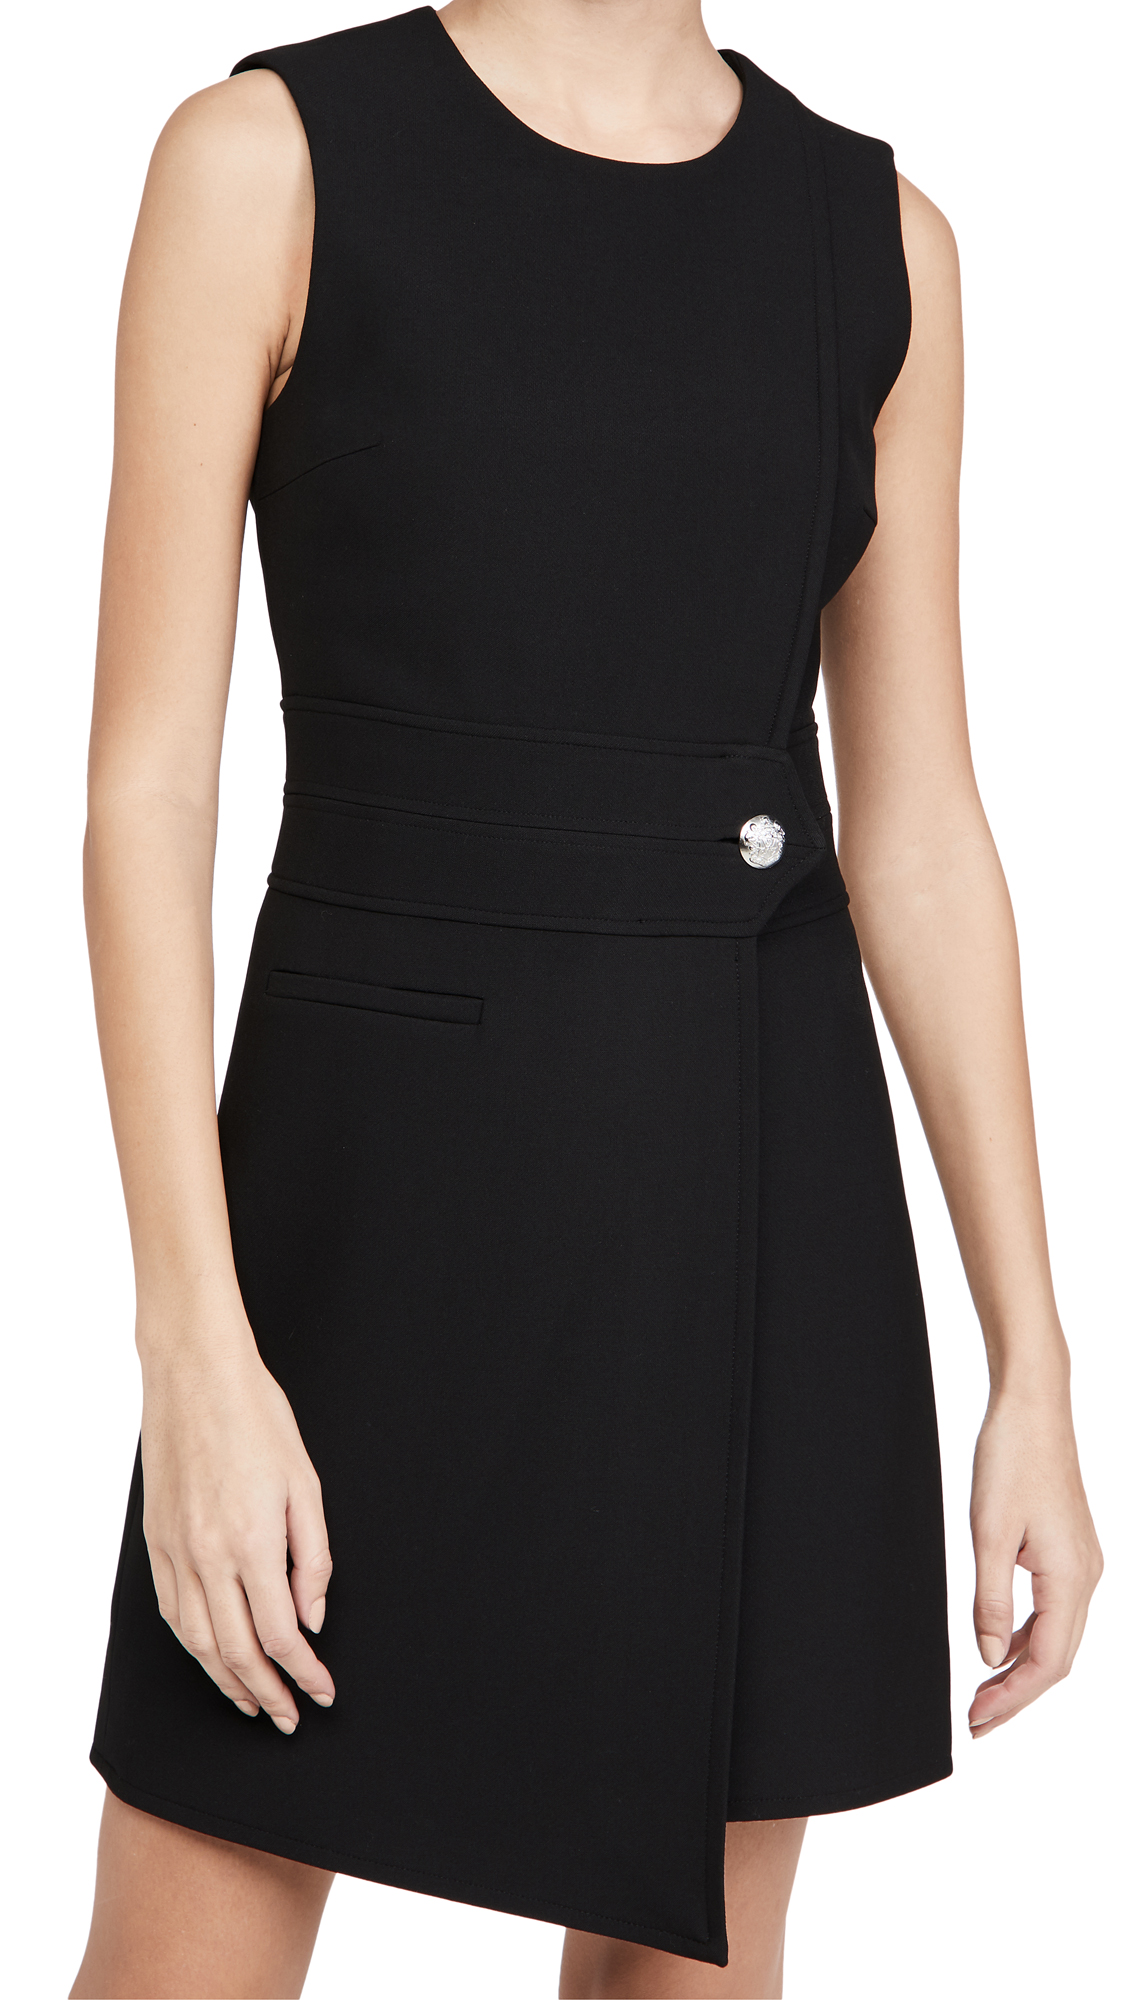 Veronica Beard Velma Dress